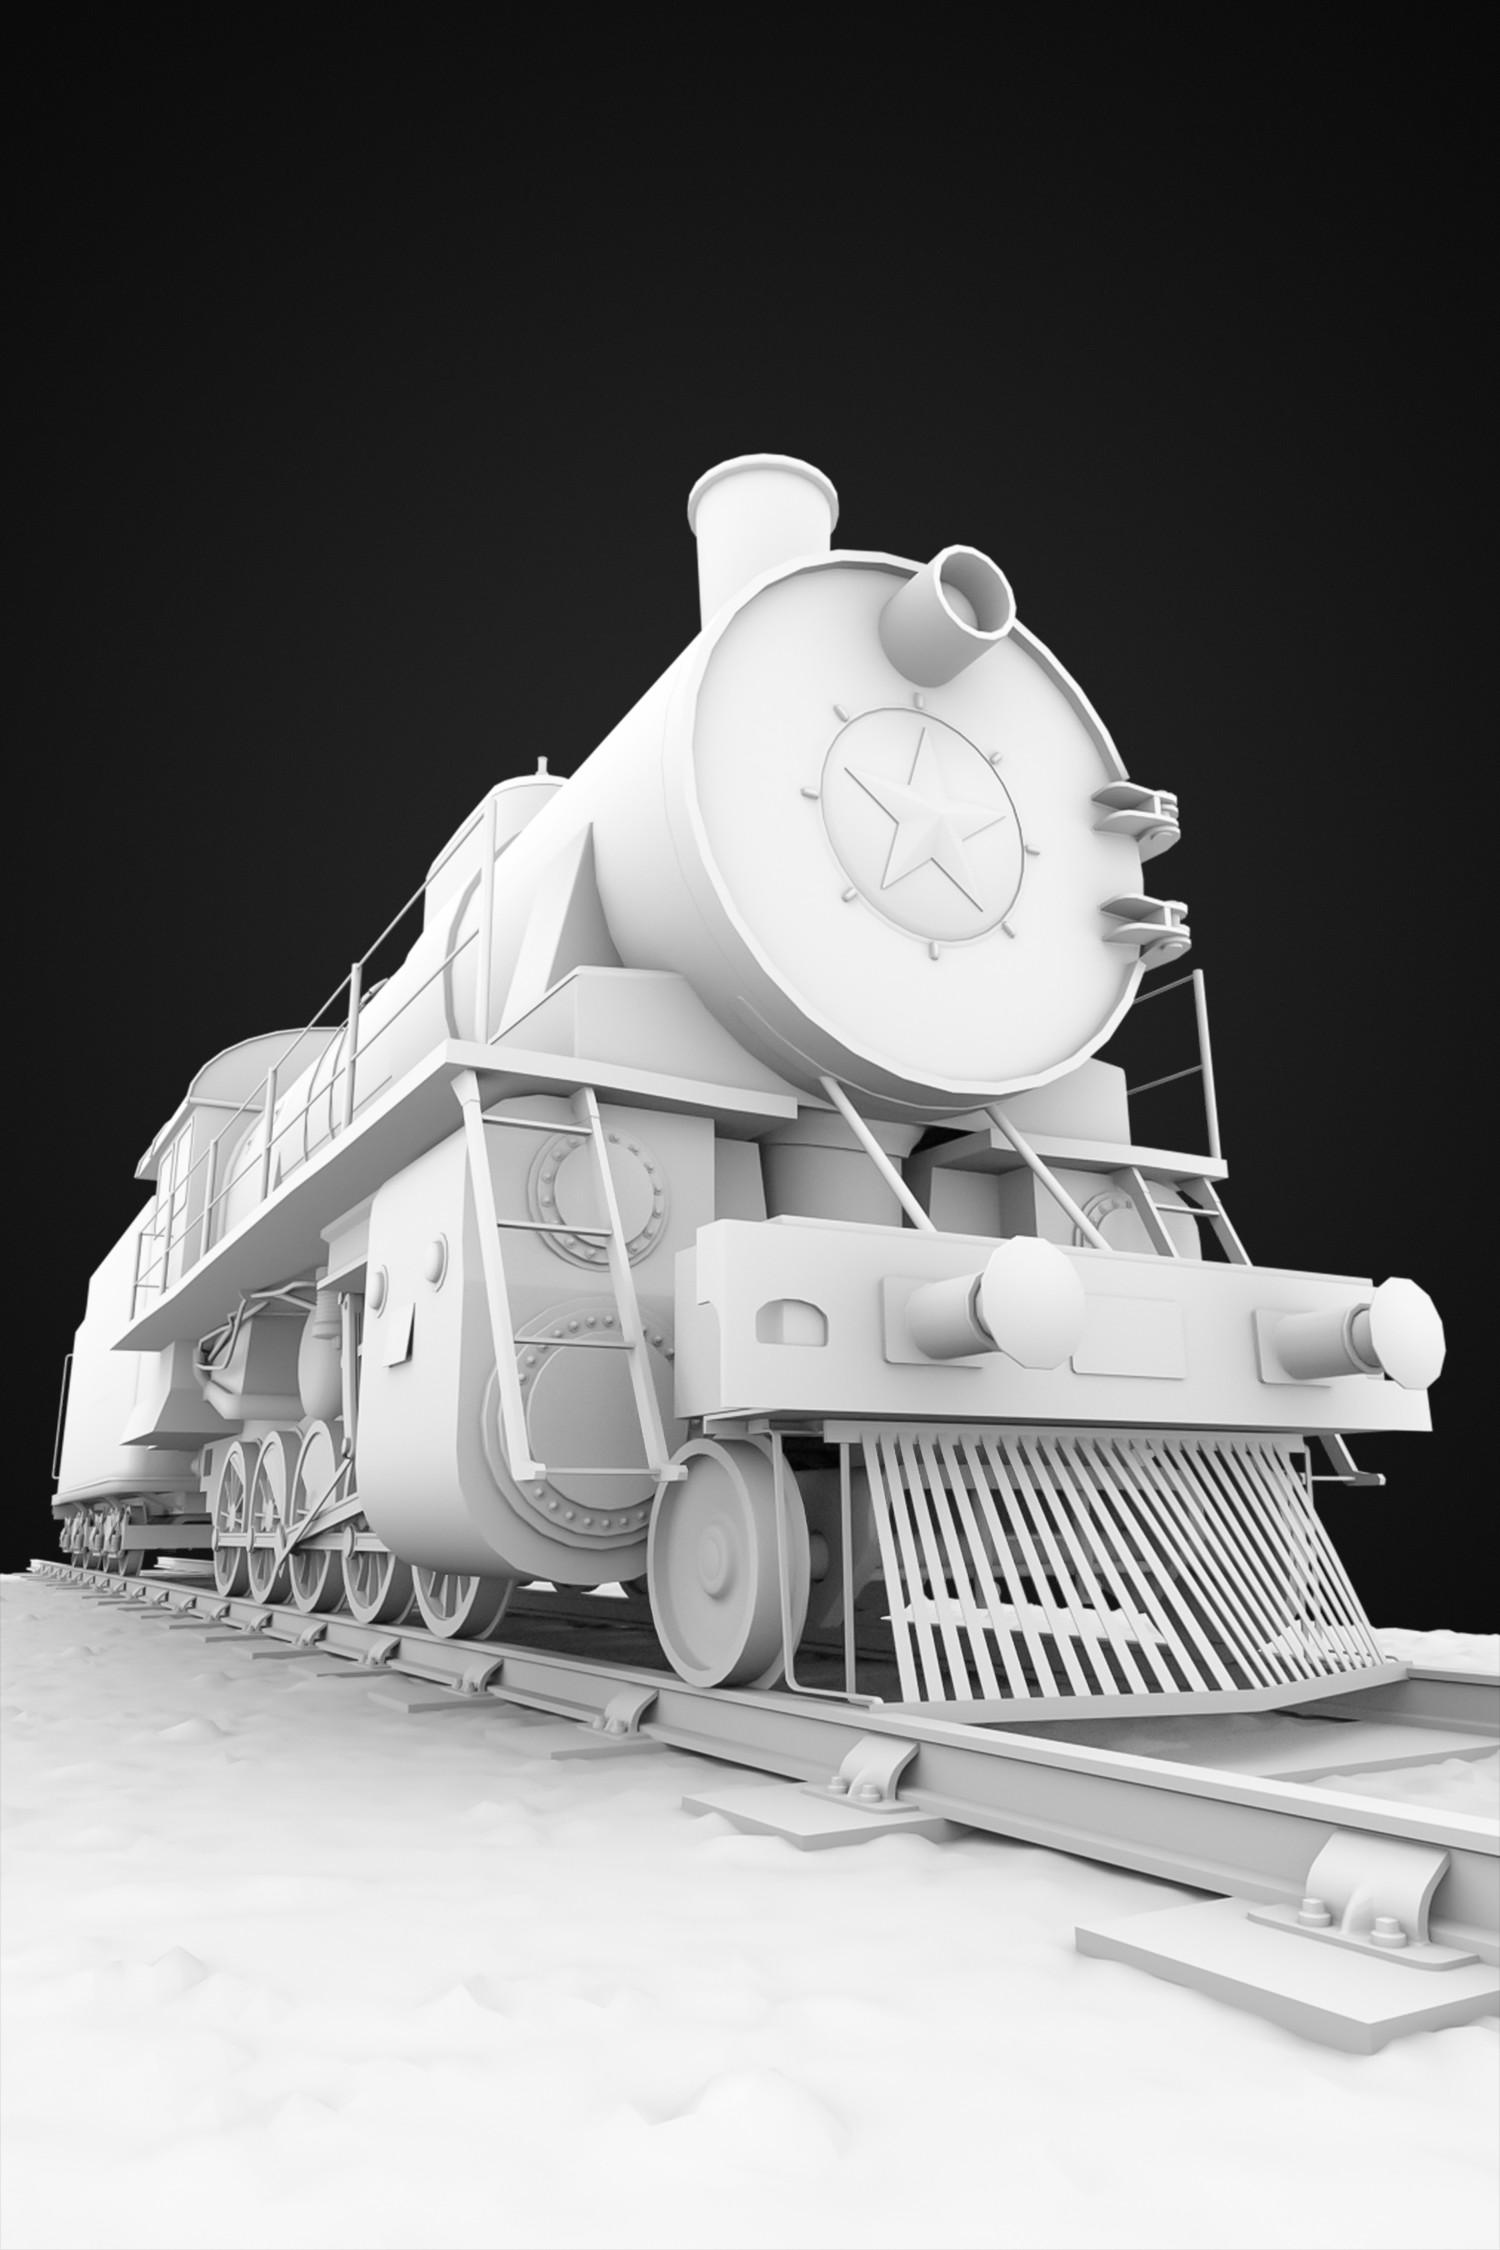 Ewa wierbik lokomotywa1 ao